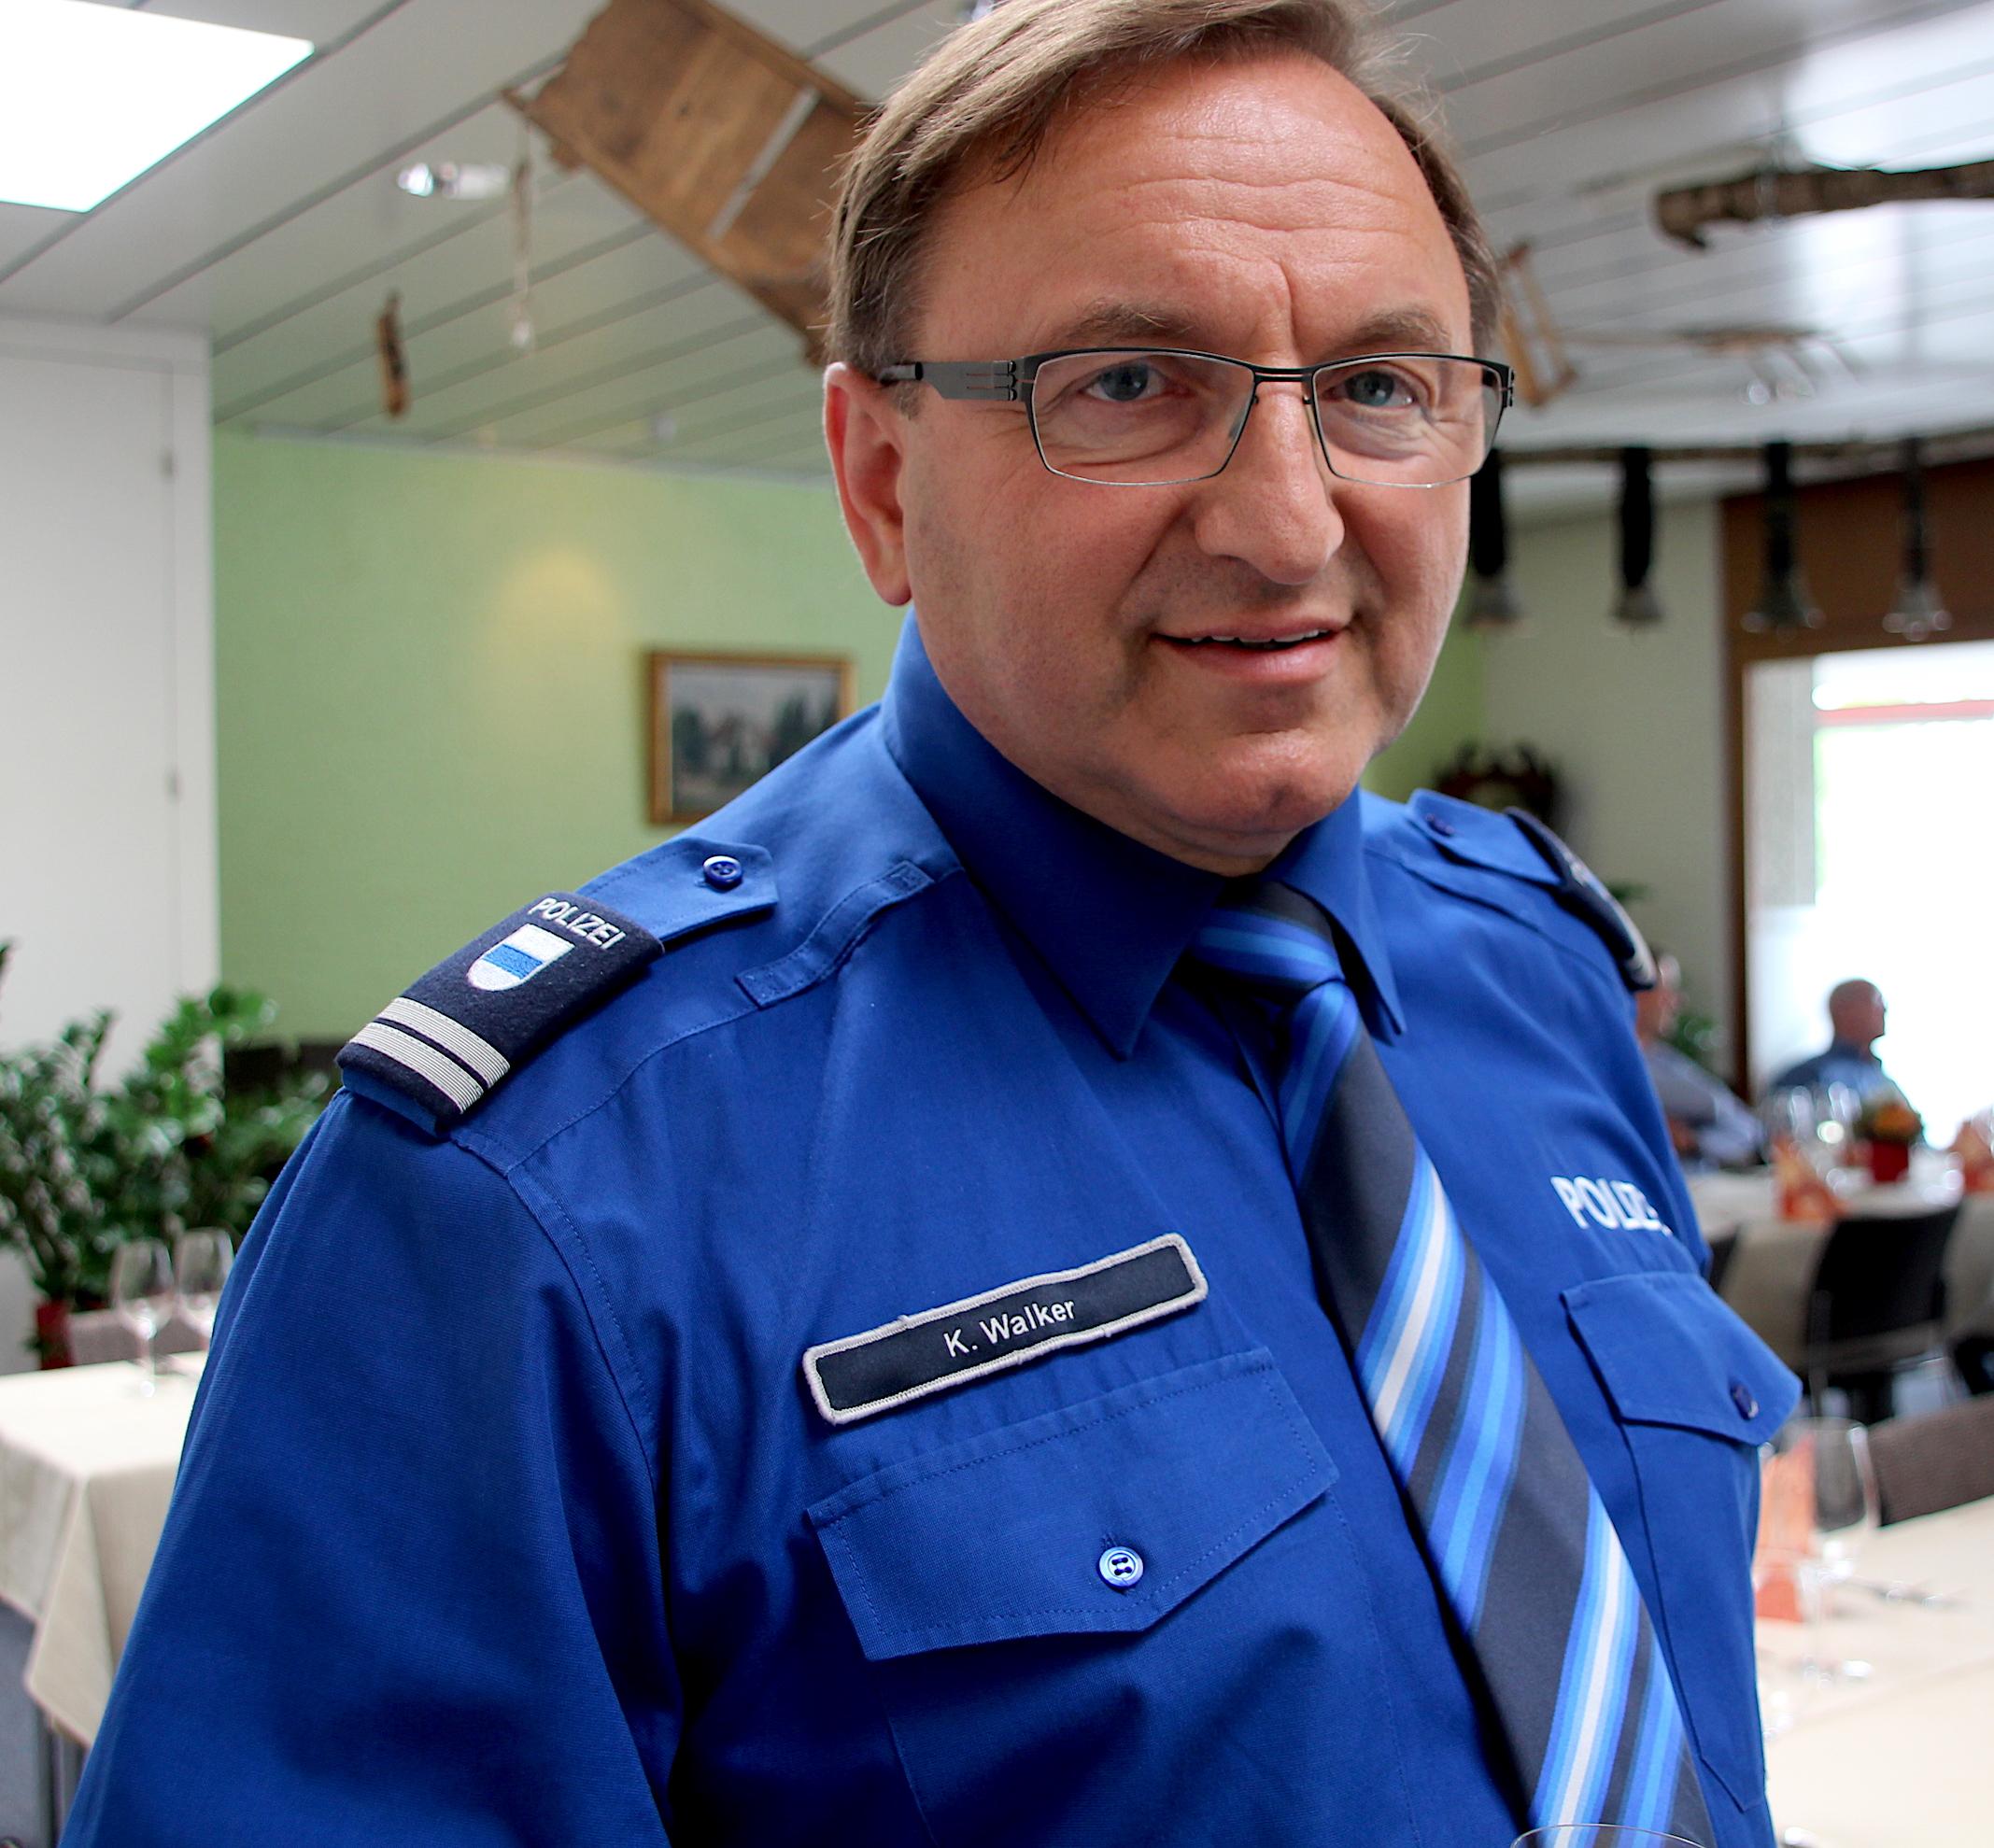 Polizeikommandant Karl Walker von der Zuger Polizei.